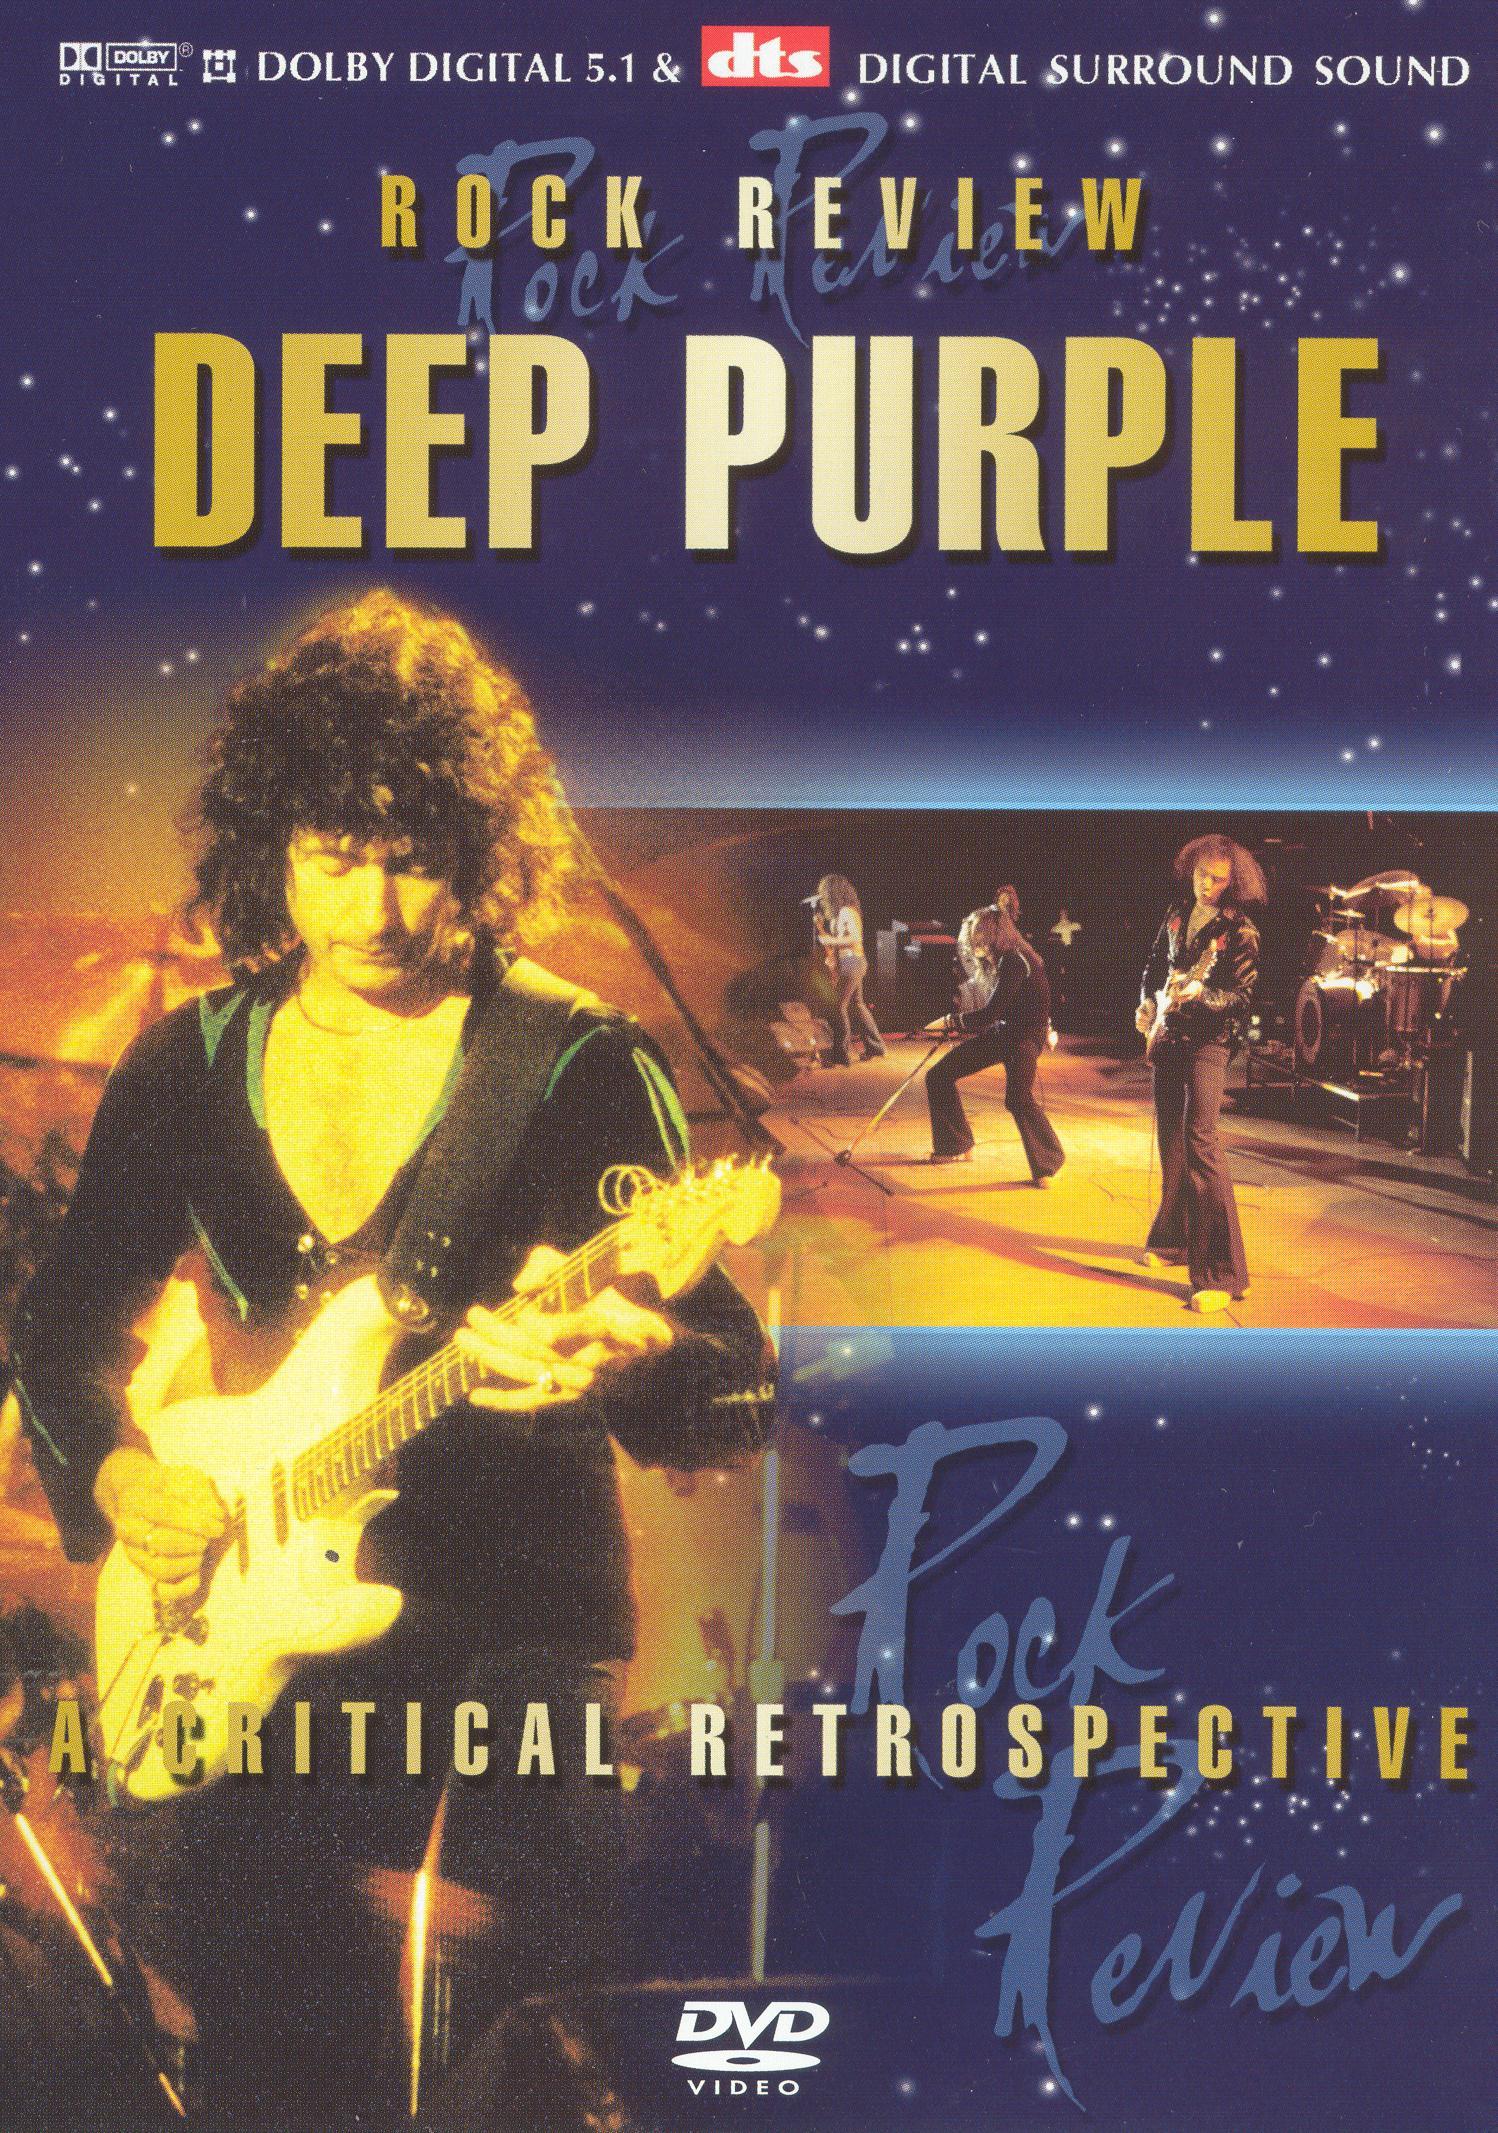 Rock Review: A Critical Retrospective - Deep Purple